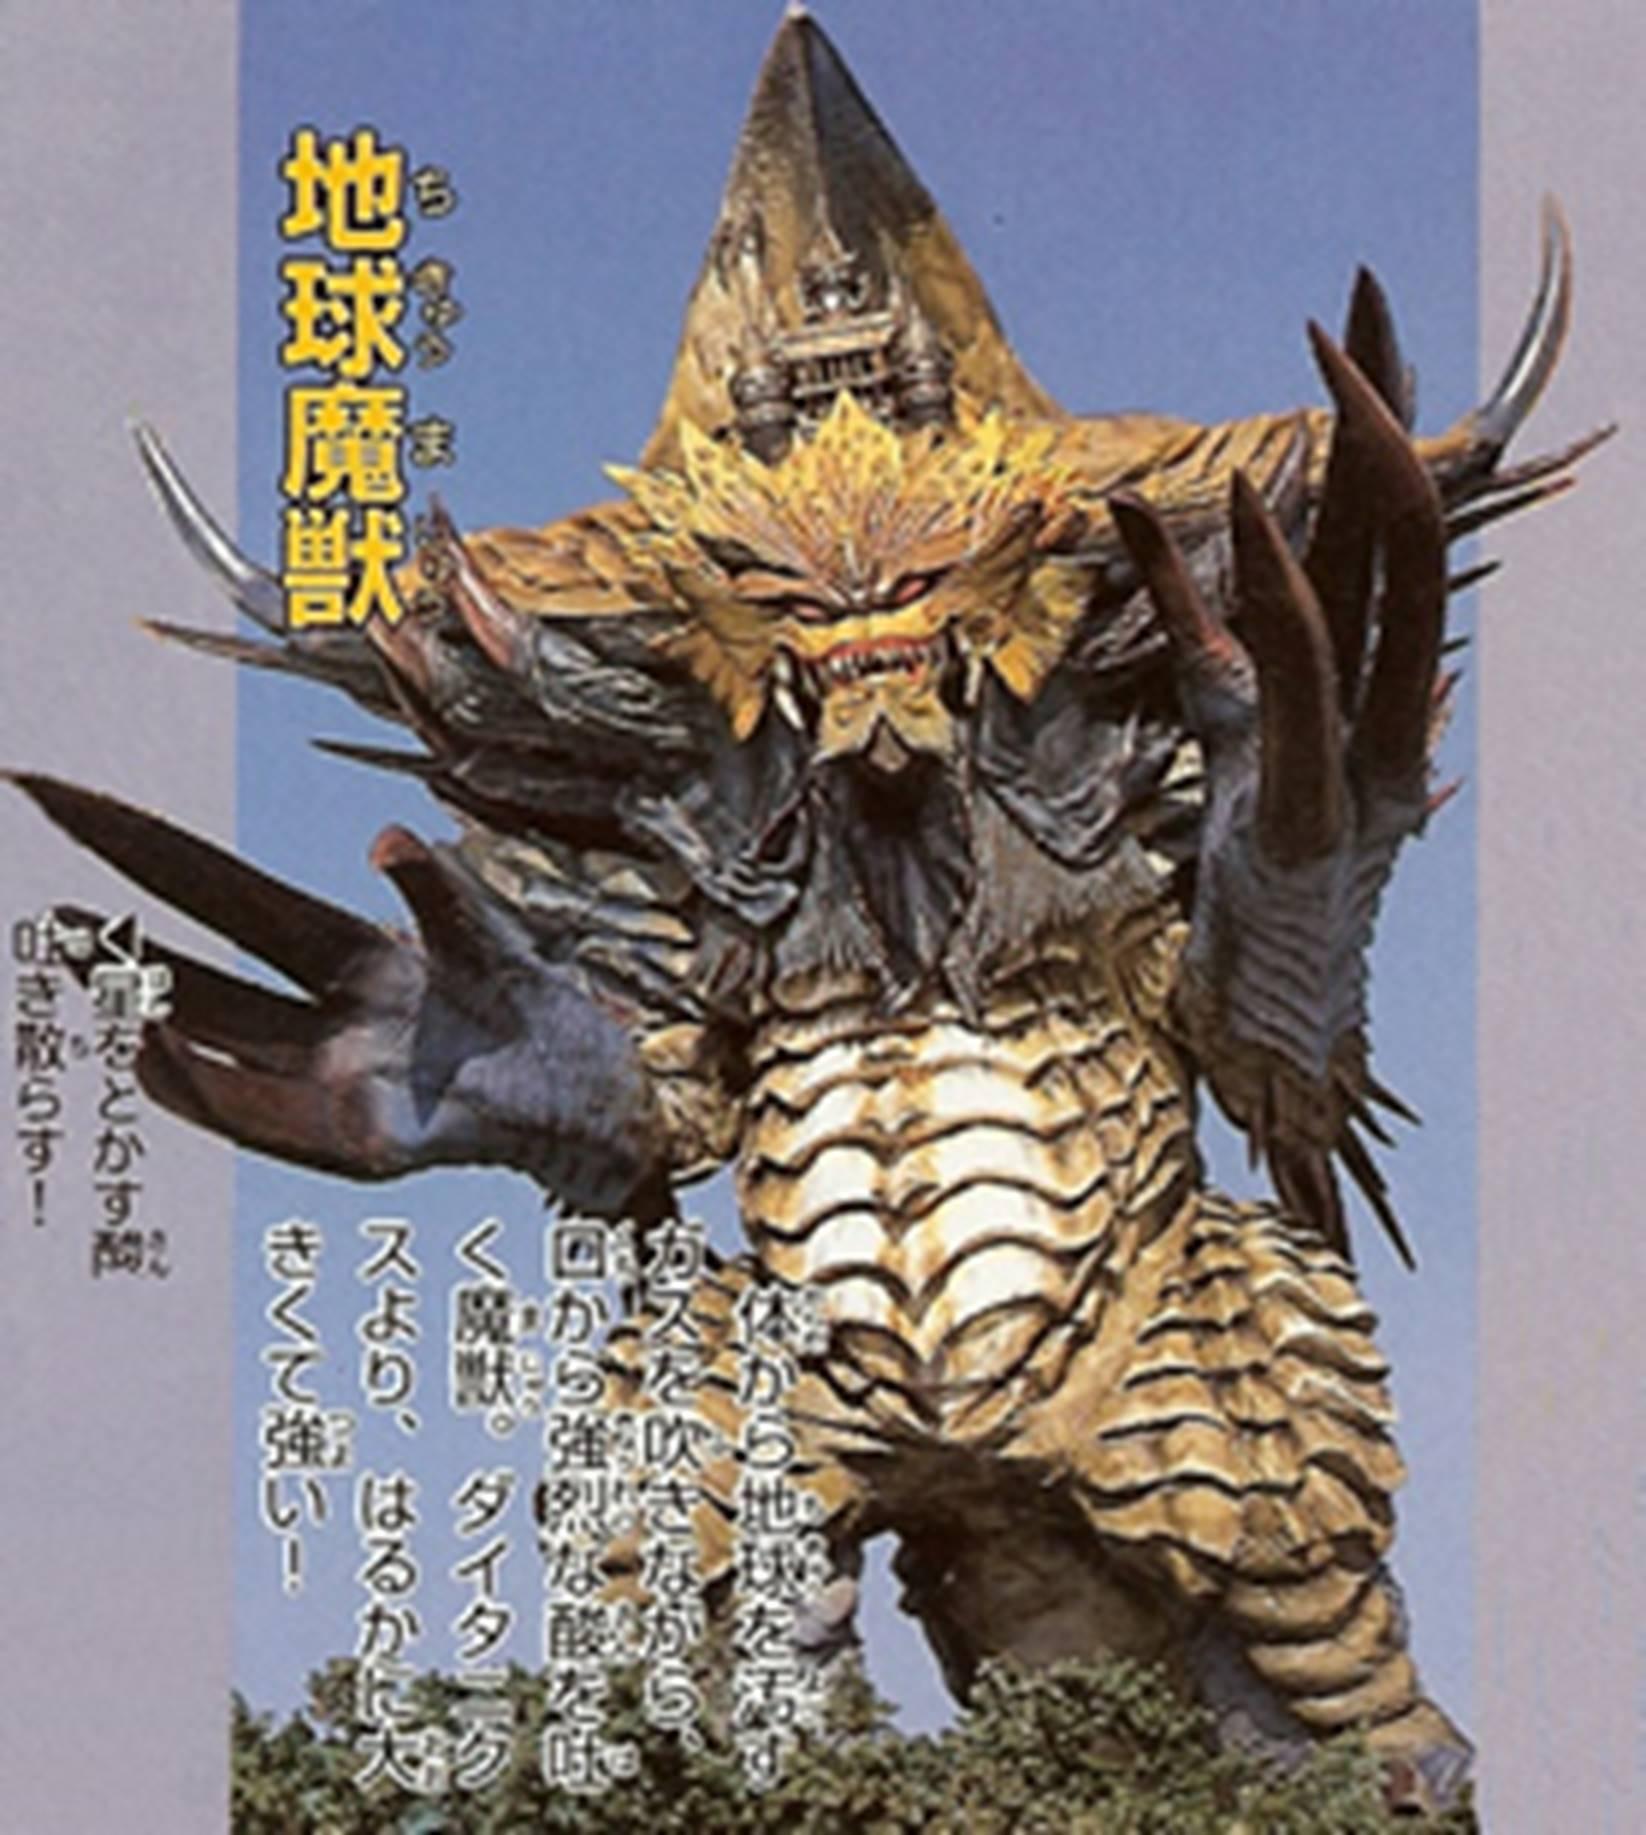 File:Ginga-vi-earthbeast.jpg